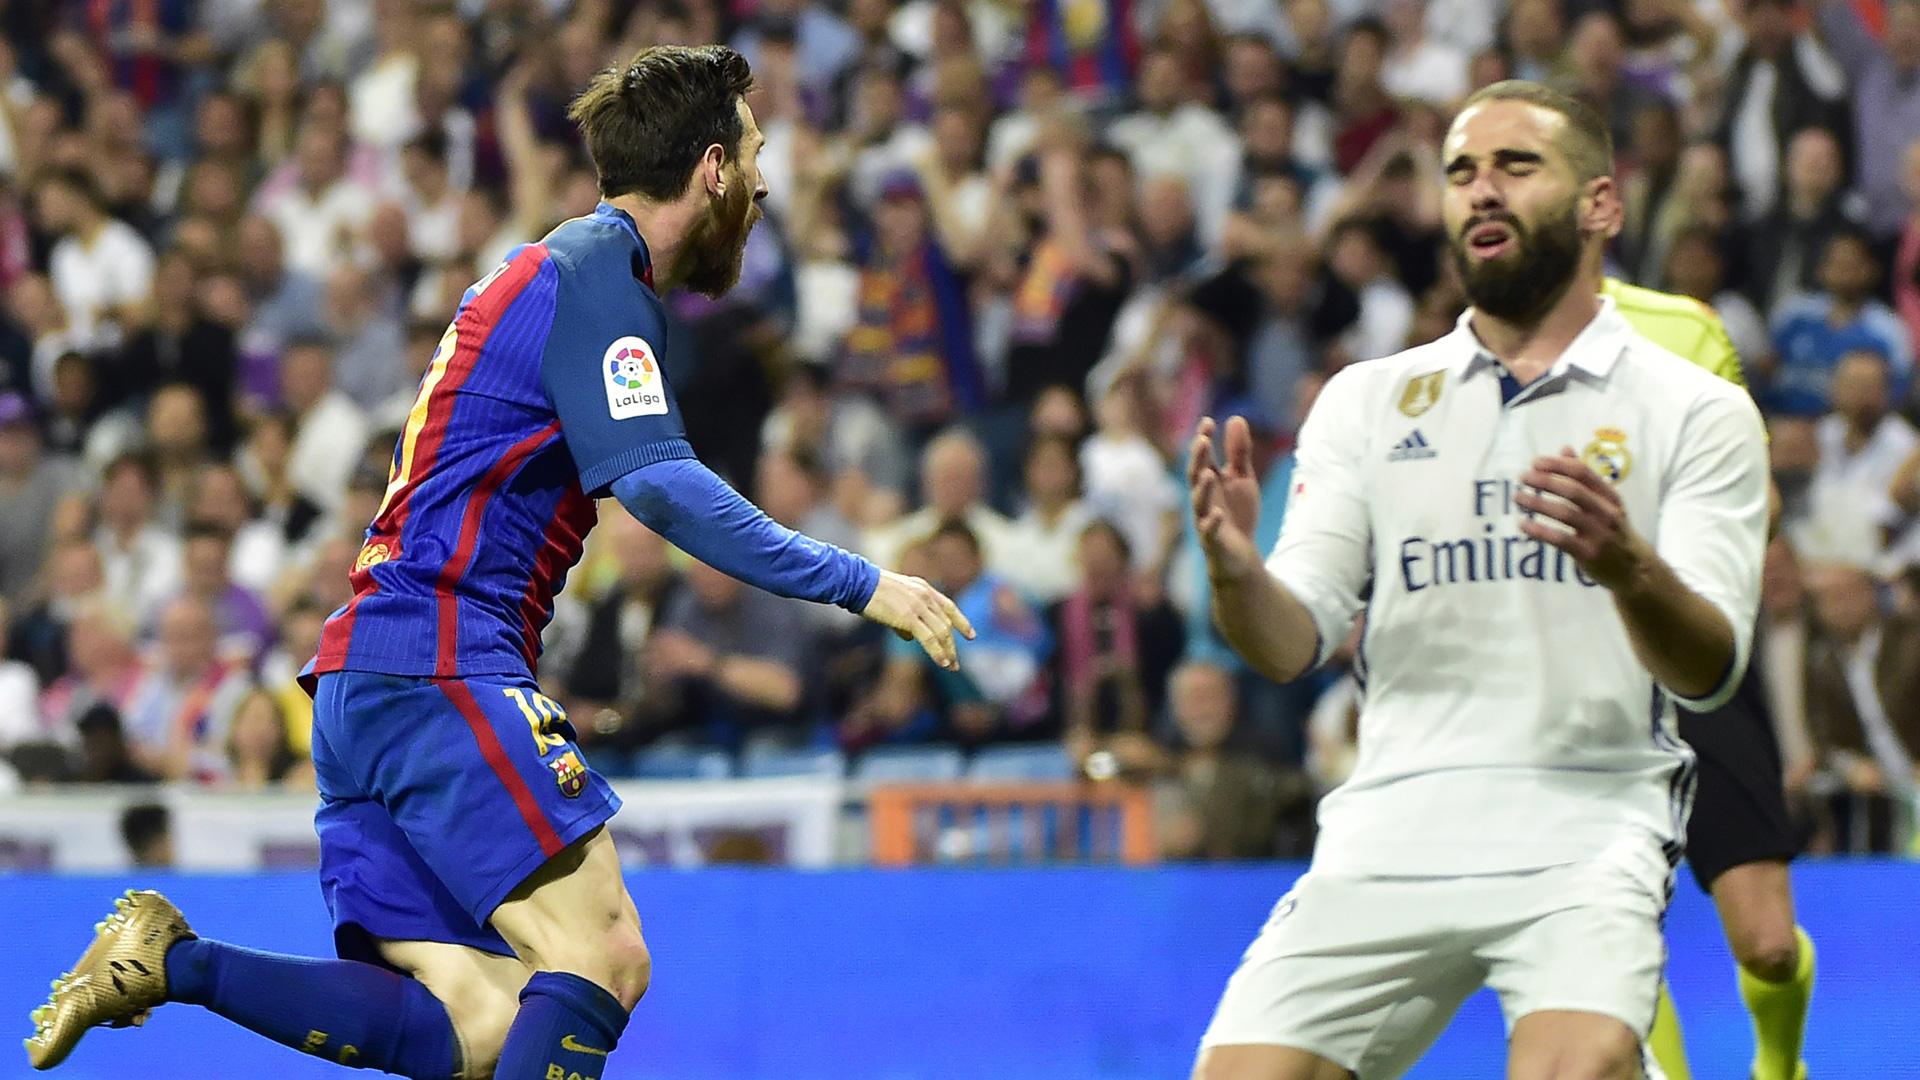 El mejor de la historia: rendidos a los pies de Messi